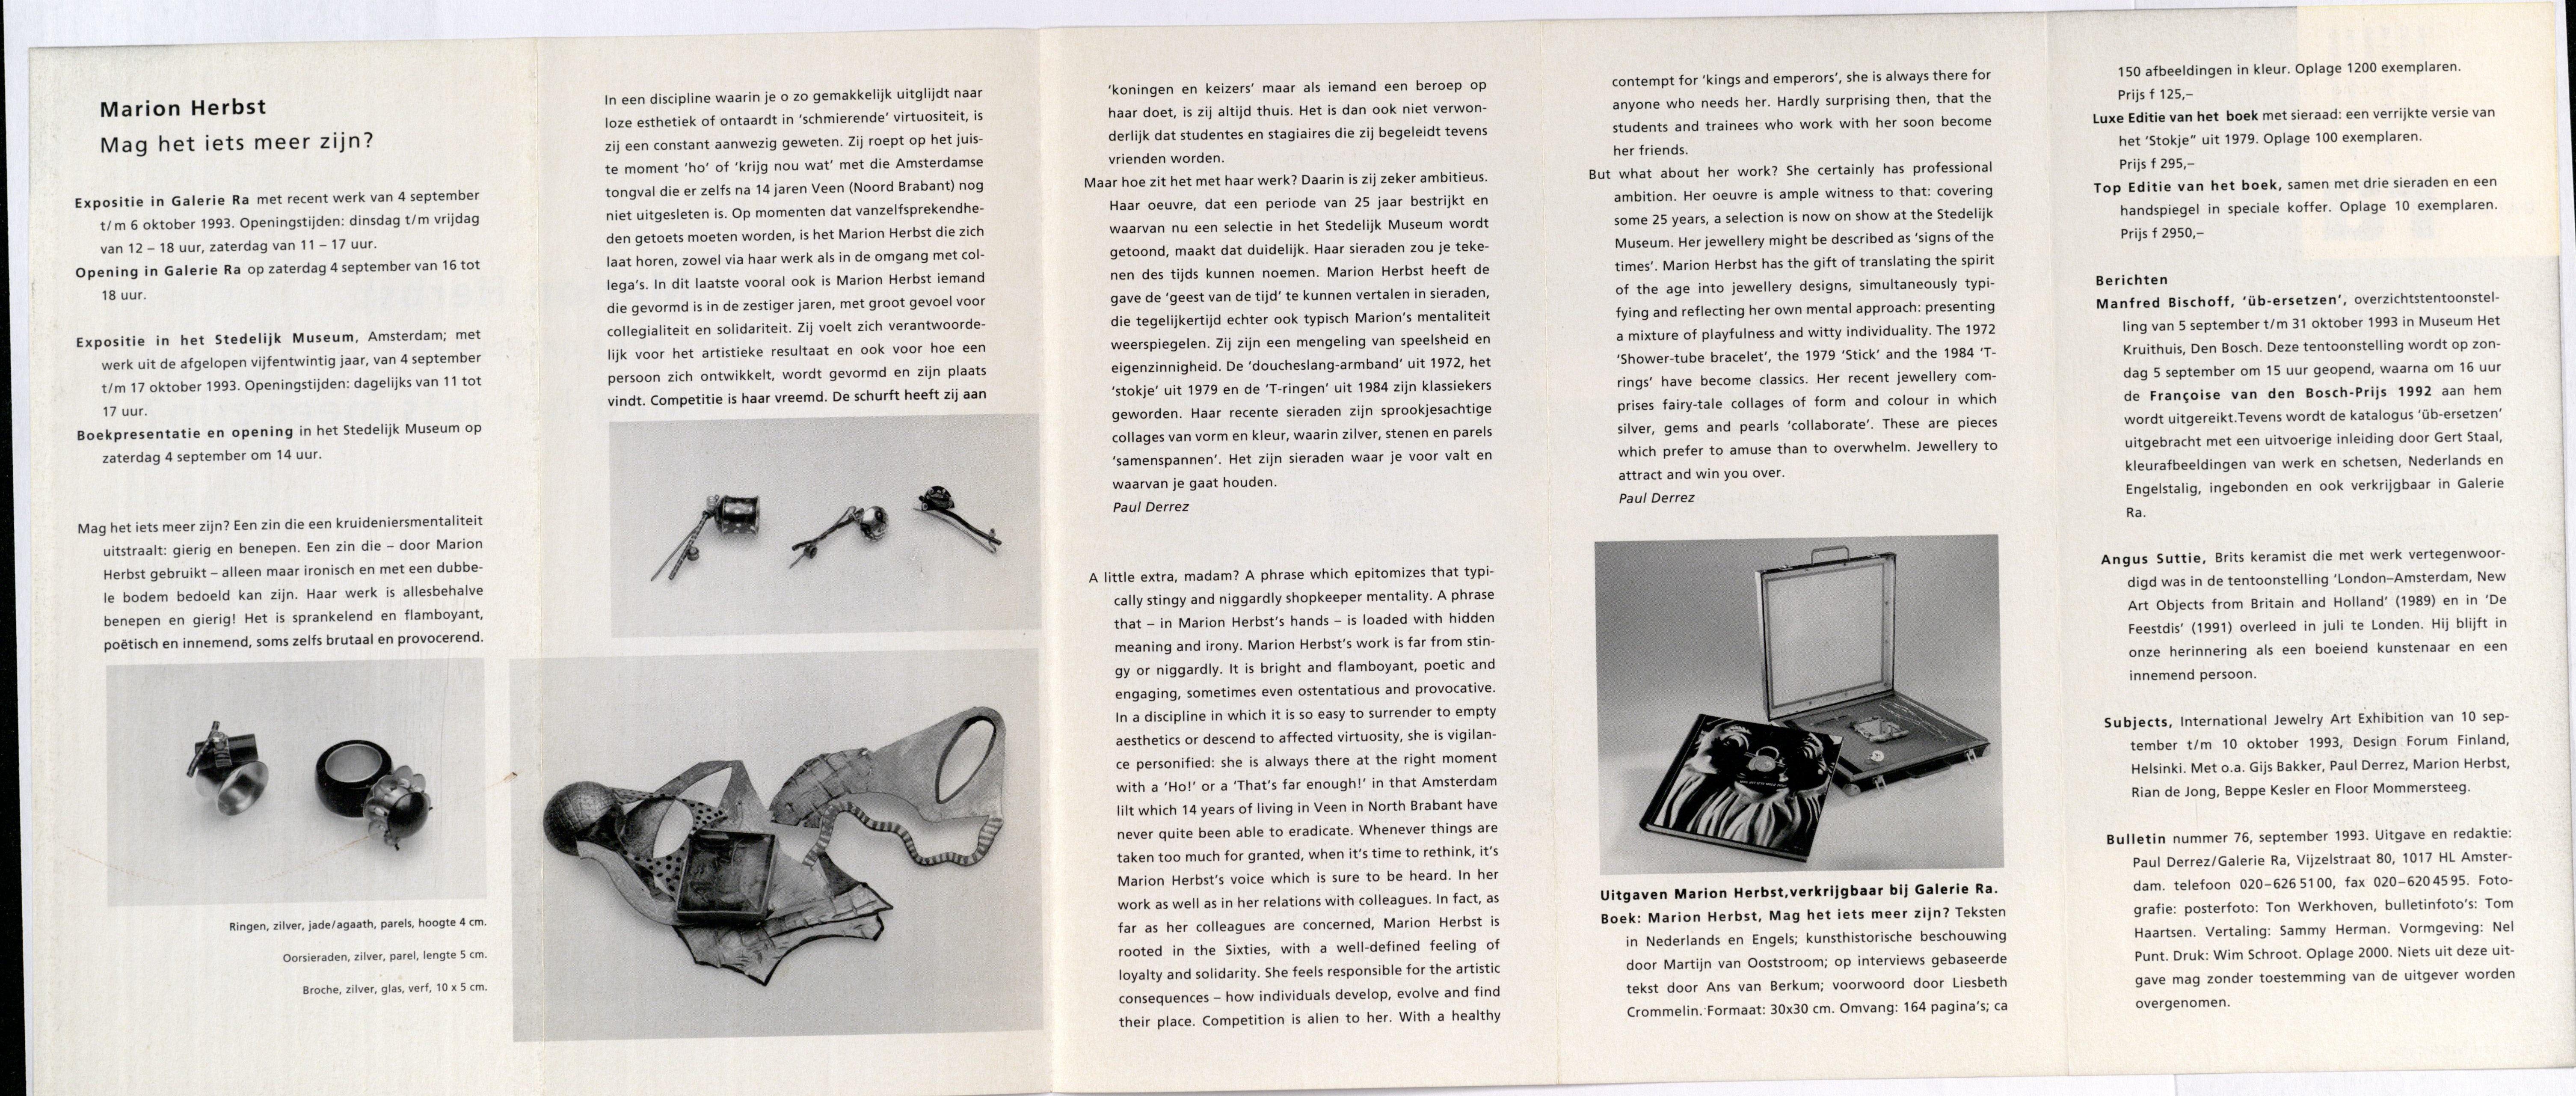 Ra Bulletin 76, september 1993, achterzijde met tekst en foto's van Tom Haartsen, drukwerk, papier, ringen, zilver, jade, agaat, parels,